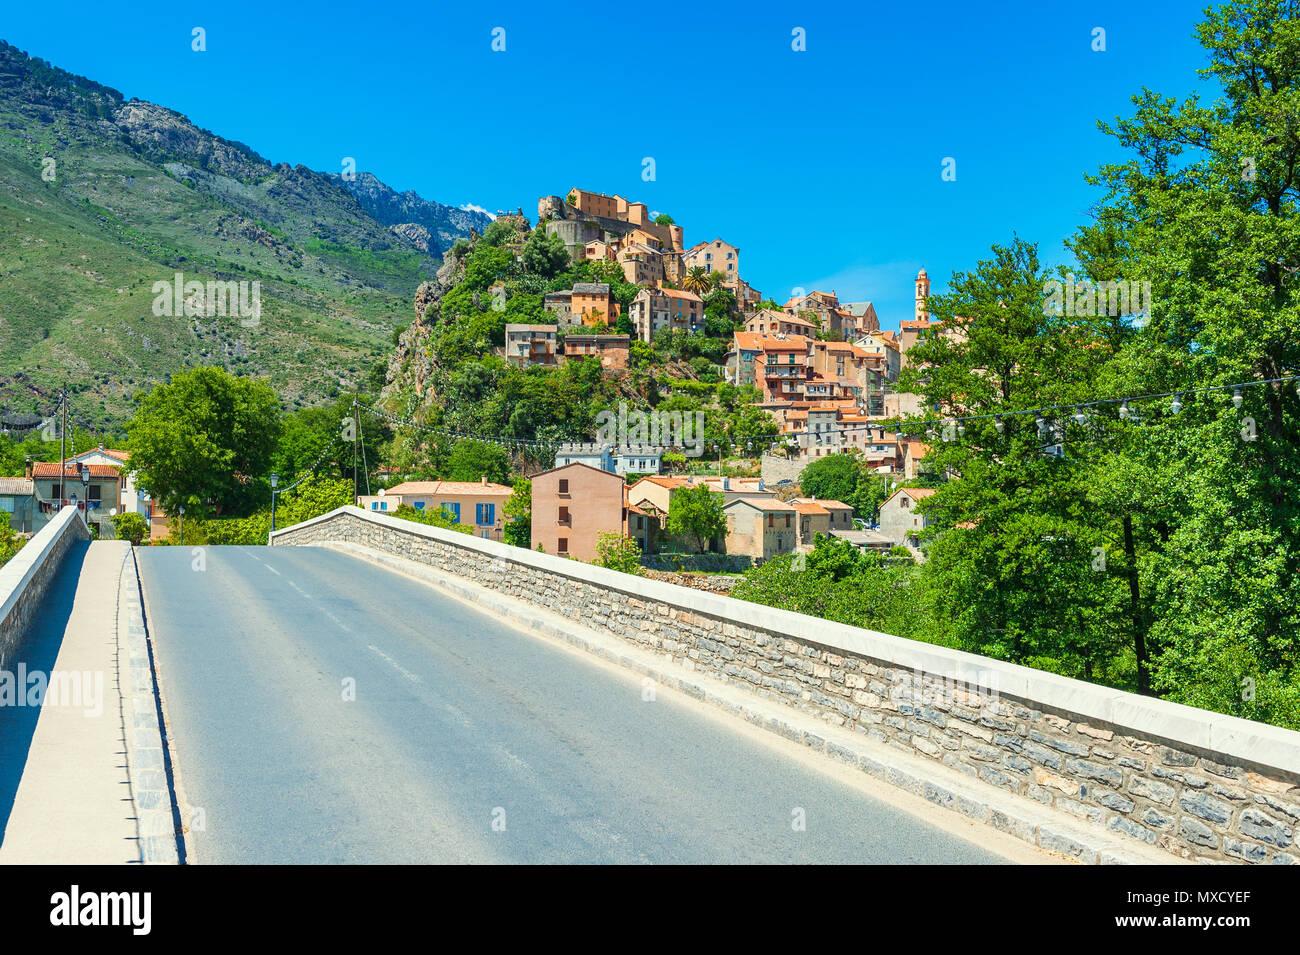 Brücke in Richtung des Dorfes von Corte, Korsika, Frankreich Stockbild